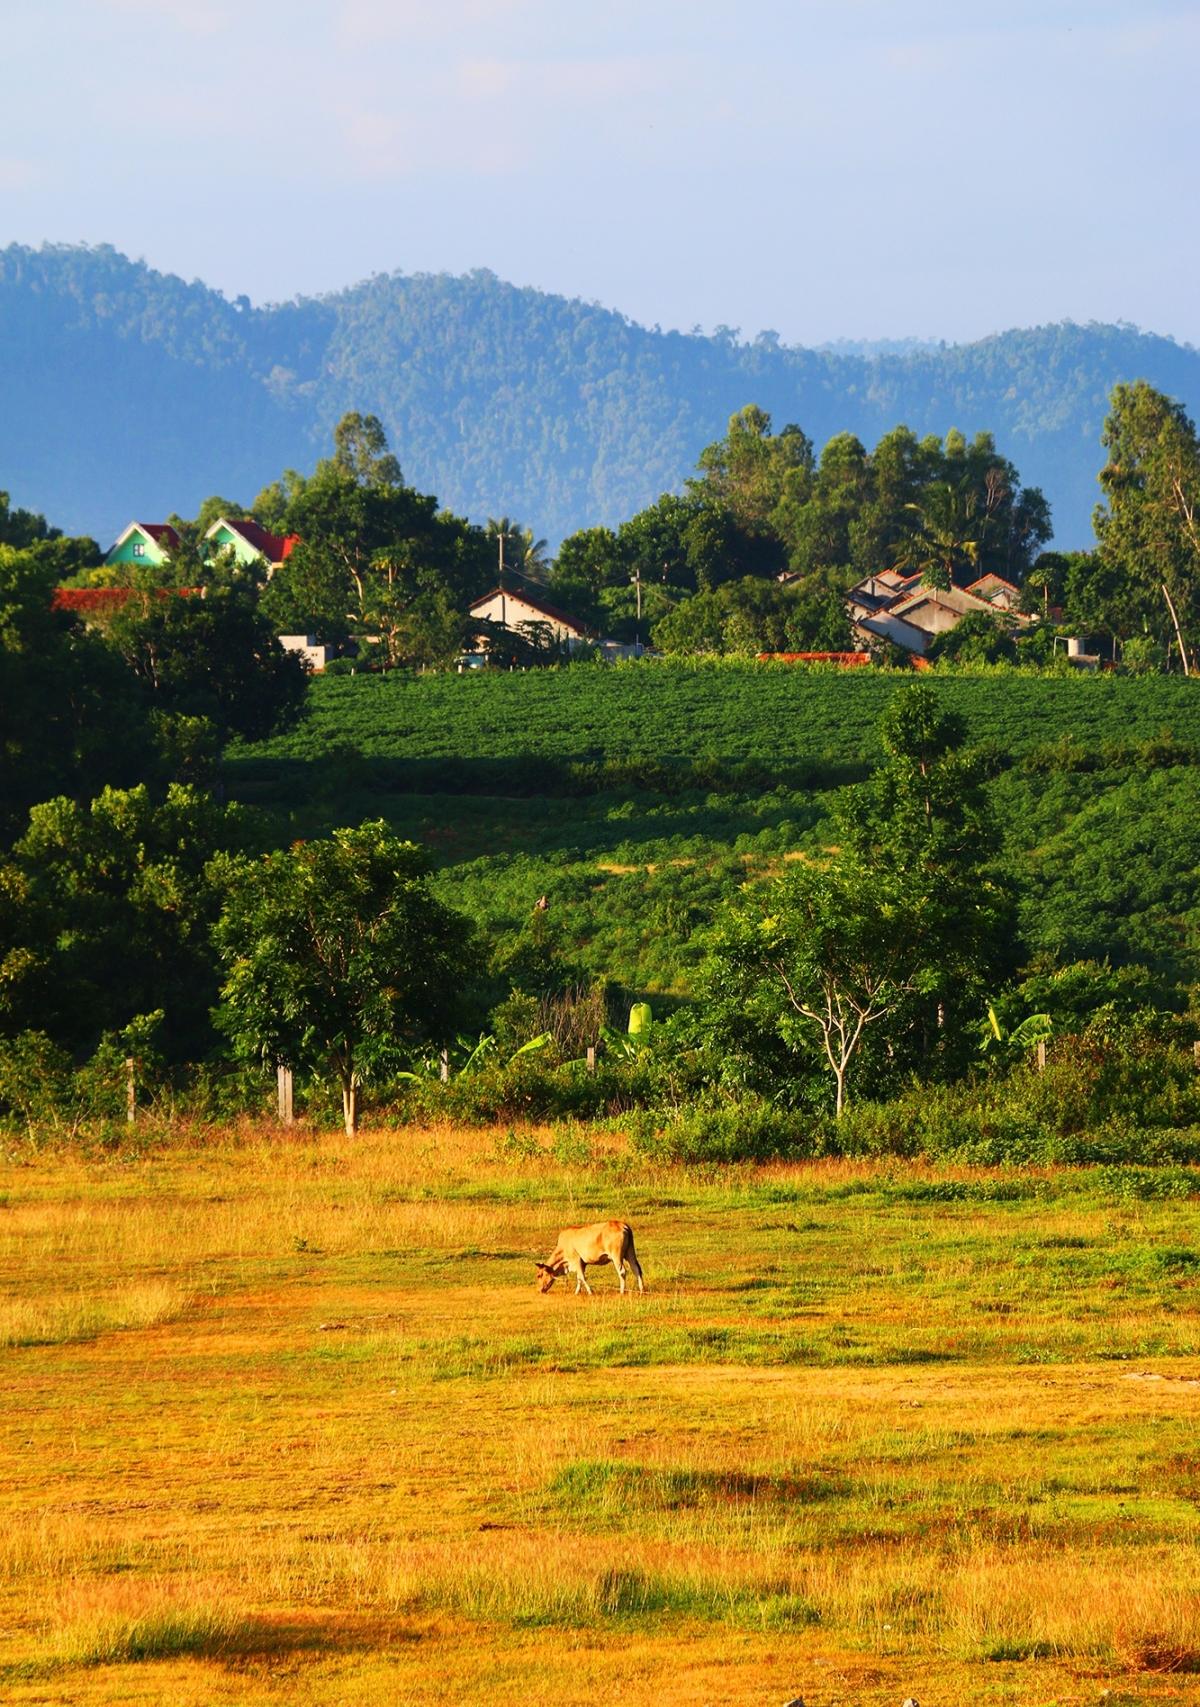 Bò nhởn nhơ gặm cỏ trên một bãi đất trống ở ngoại vi TT.Hai Riêng, H.Sông Hinh. Đây là thị trấn miền núi của Phú Yên, có khung cảnh và bờ hồ ở khu vực trung tâm được ví như hồ Xuân Hương của Đà Lạt.